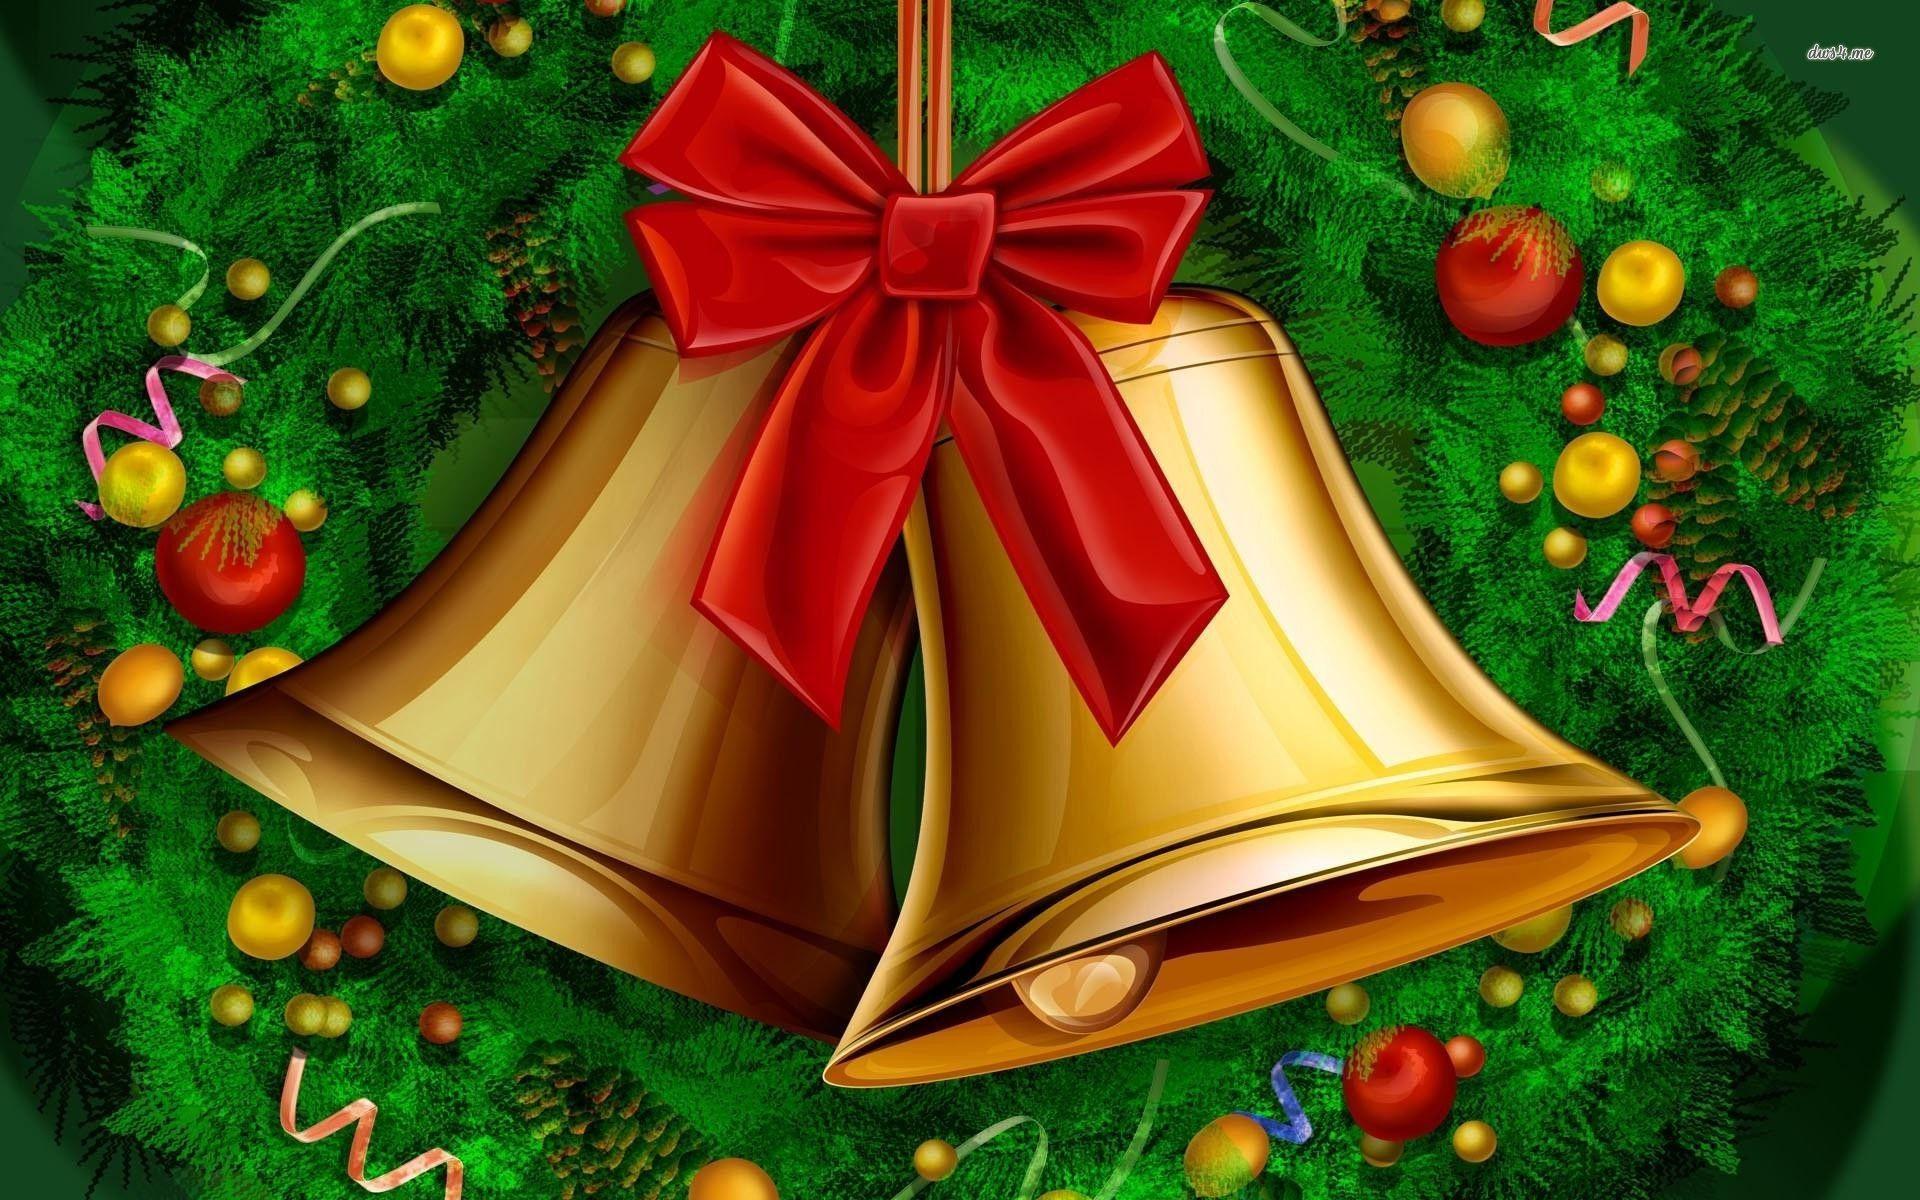 Hình nền Chuông Thánh Đường đẹp cho ngày lễ giáng sinh